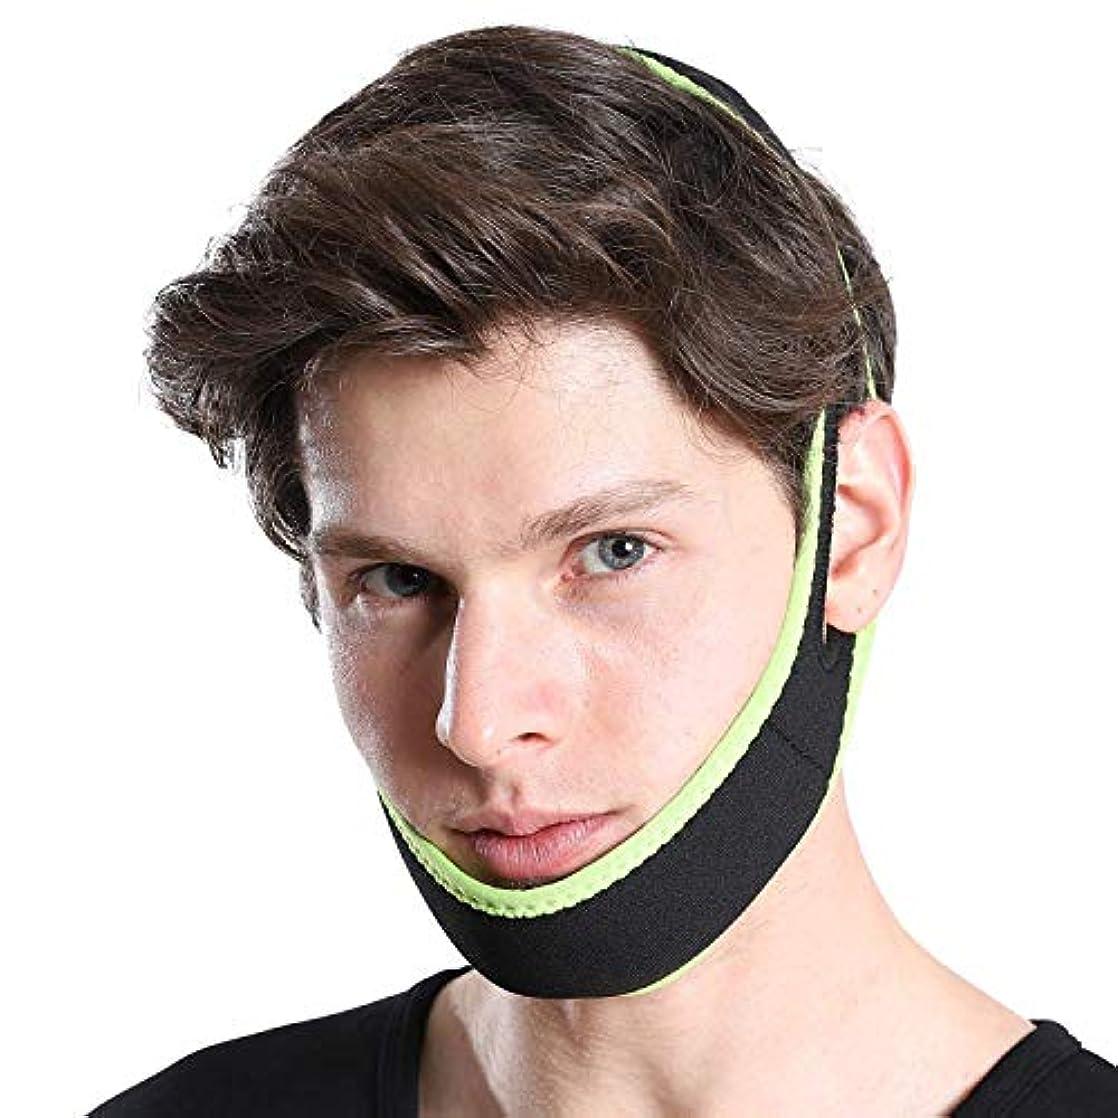 スティック酸っぱい定数小顔マスク メンズ ゲルマニウムチタン 配合で 顔痩せ 小顔 リフトアップ!